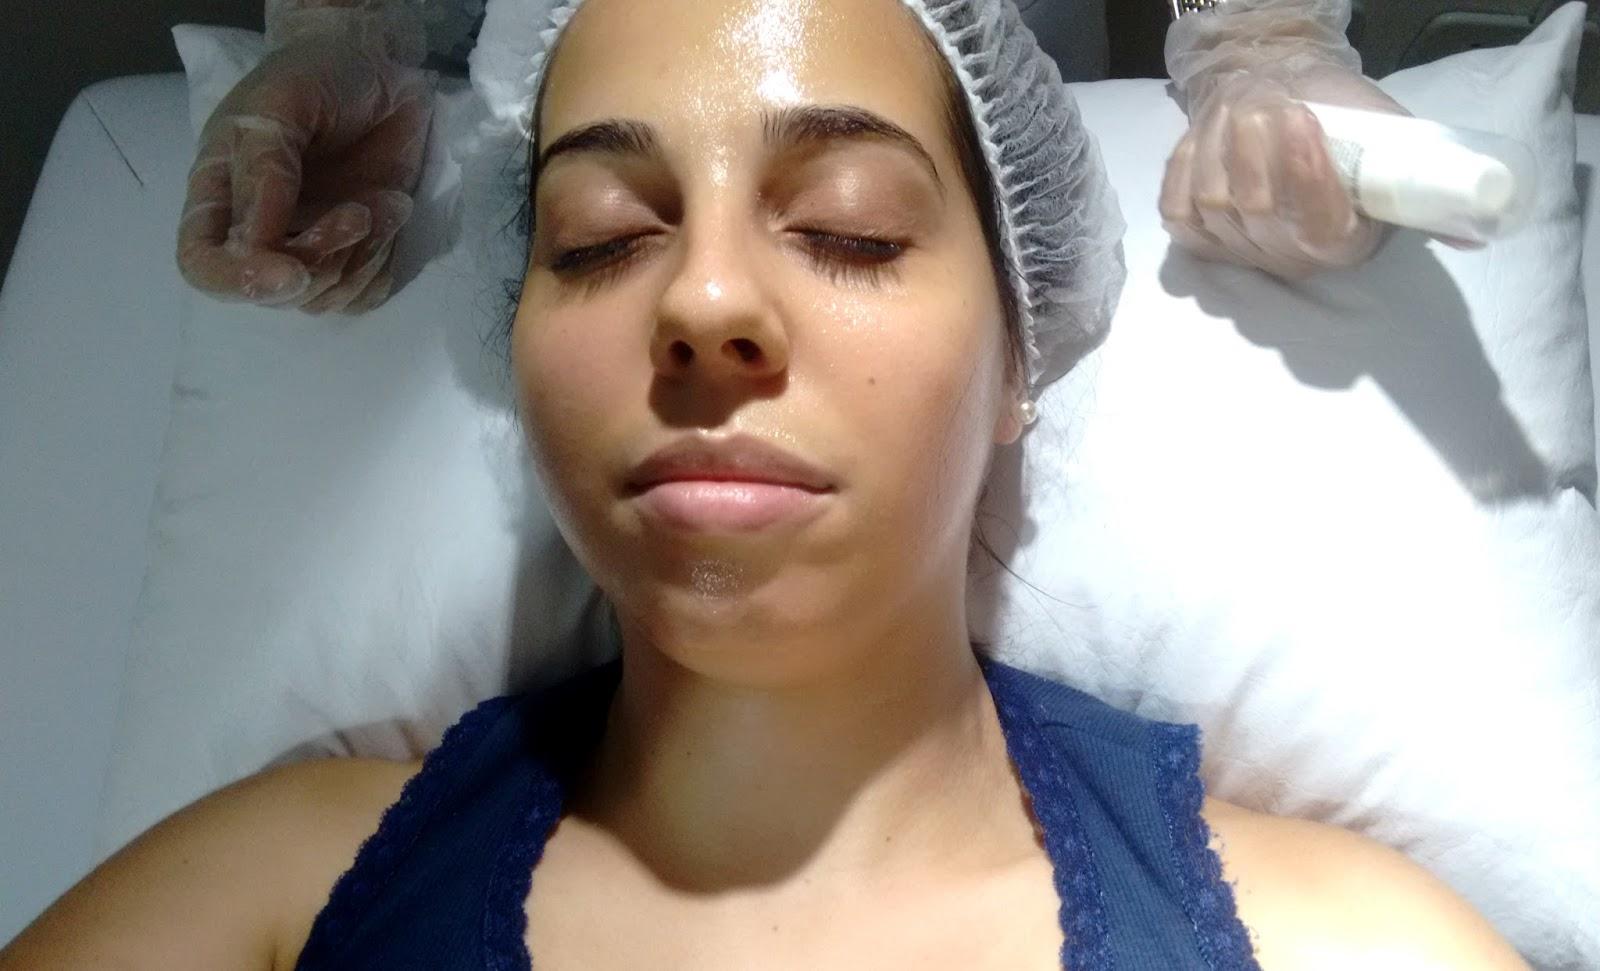 O pigmentary nota na pele do membro